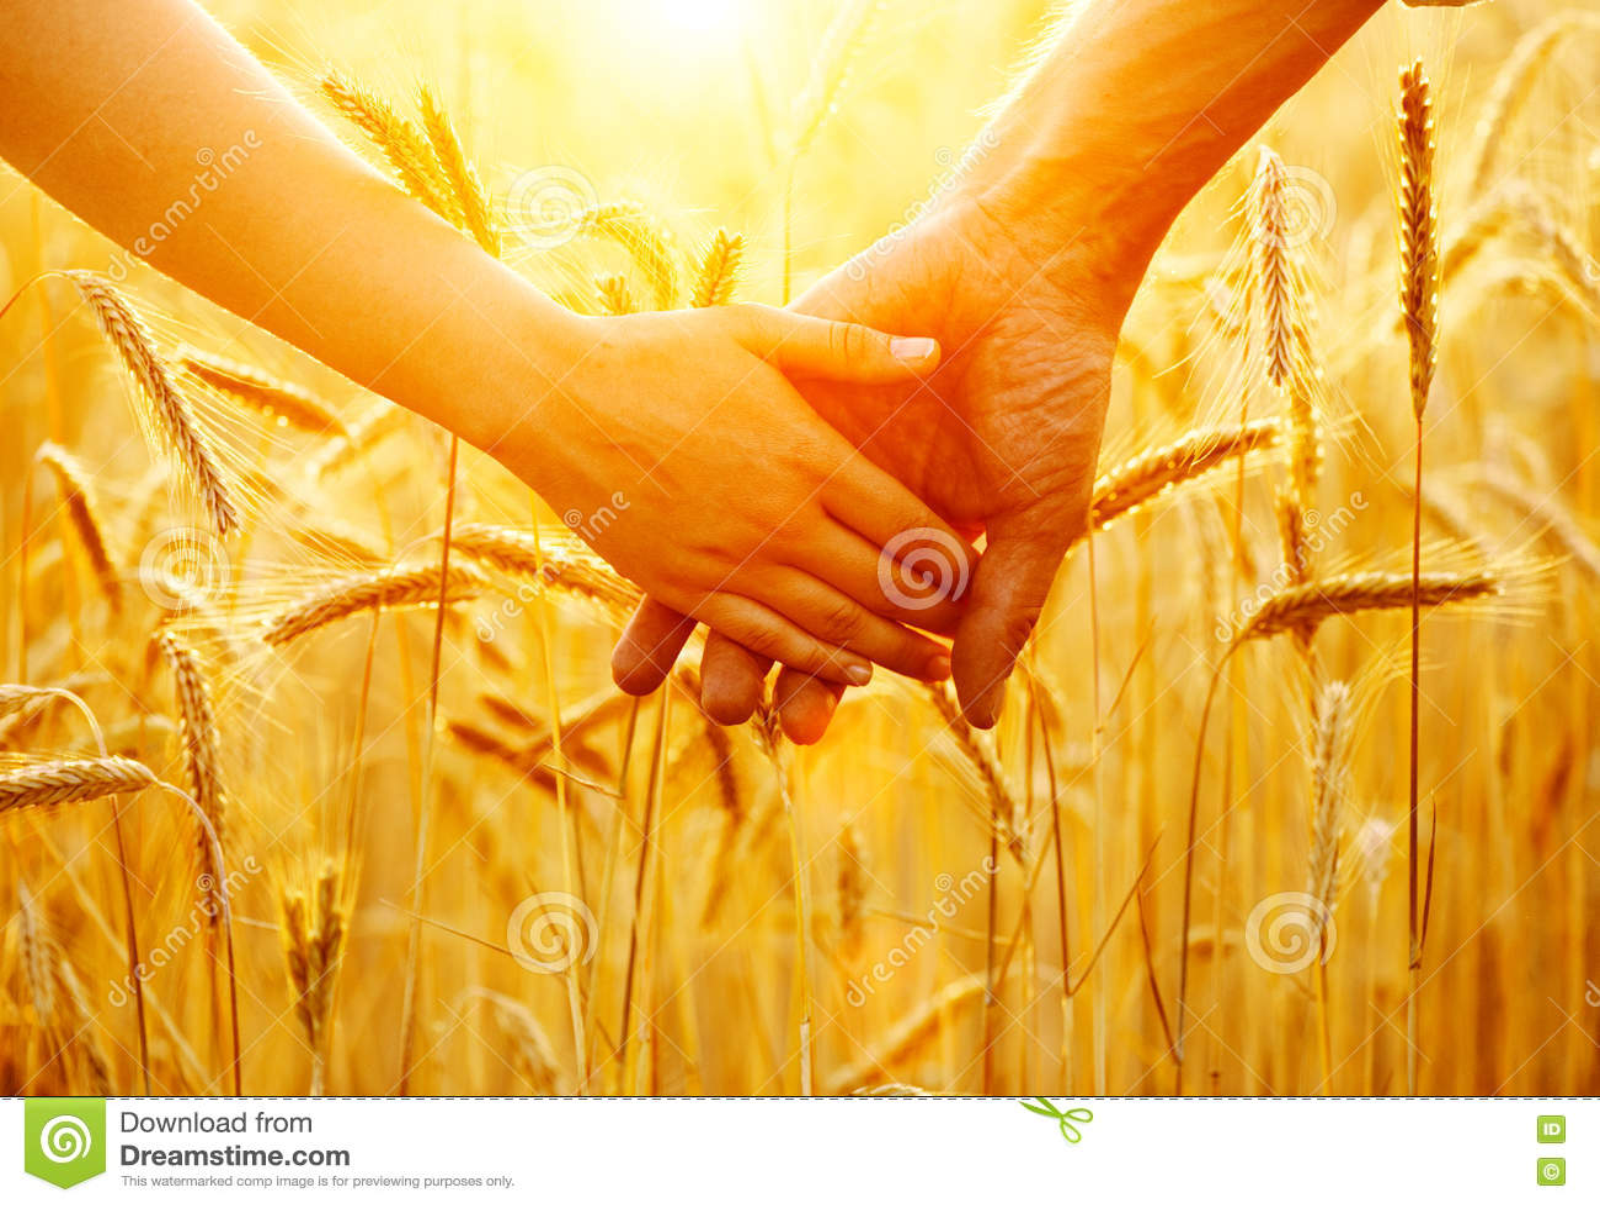 结合握手和走在金黄麦田